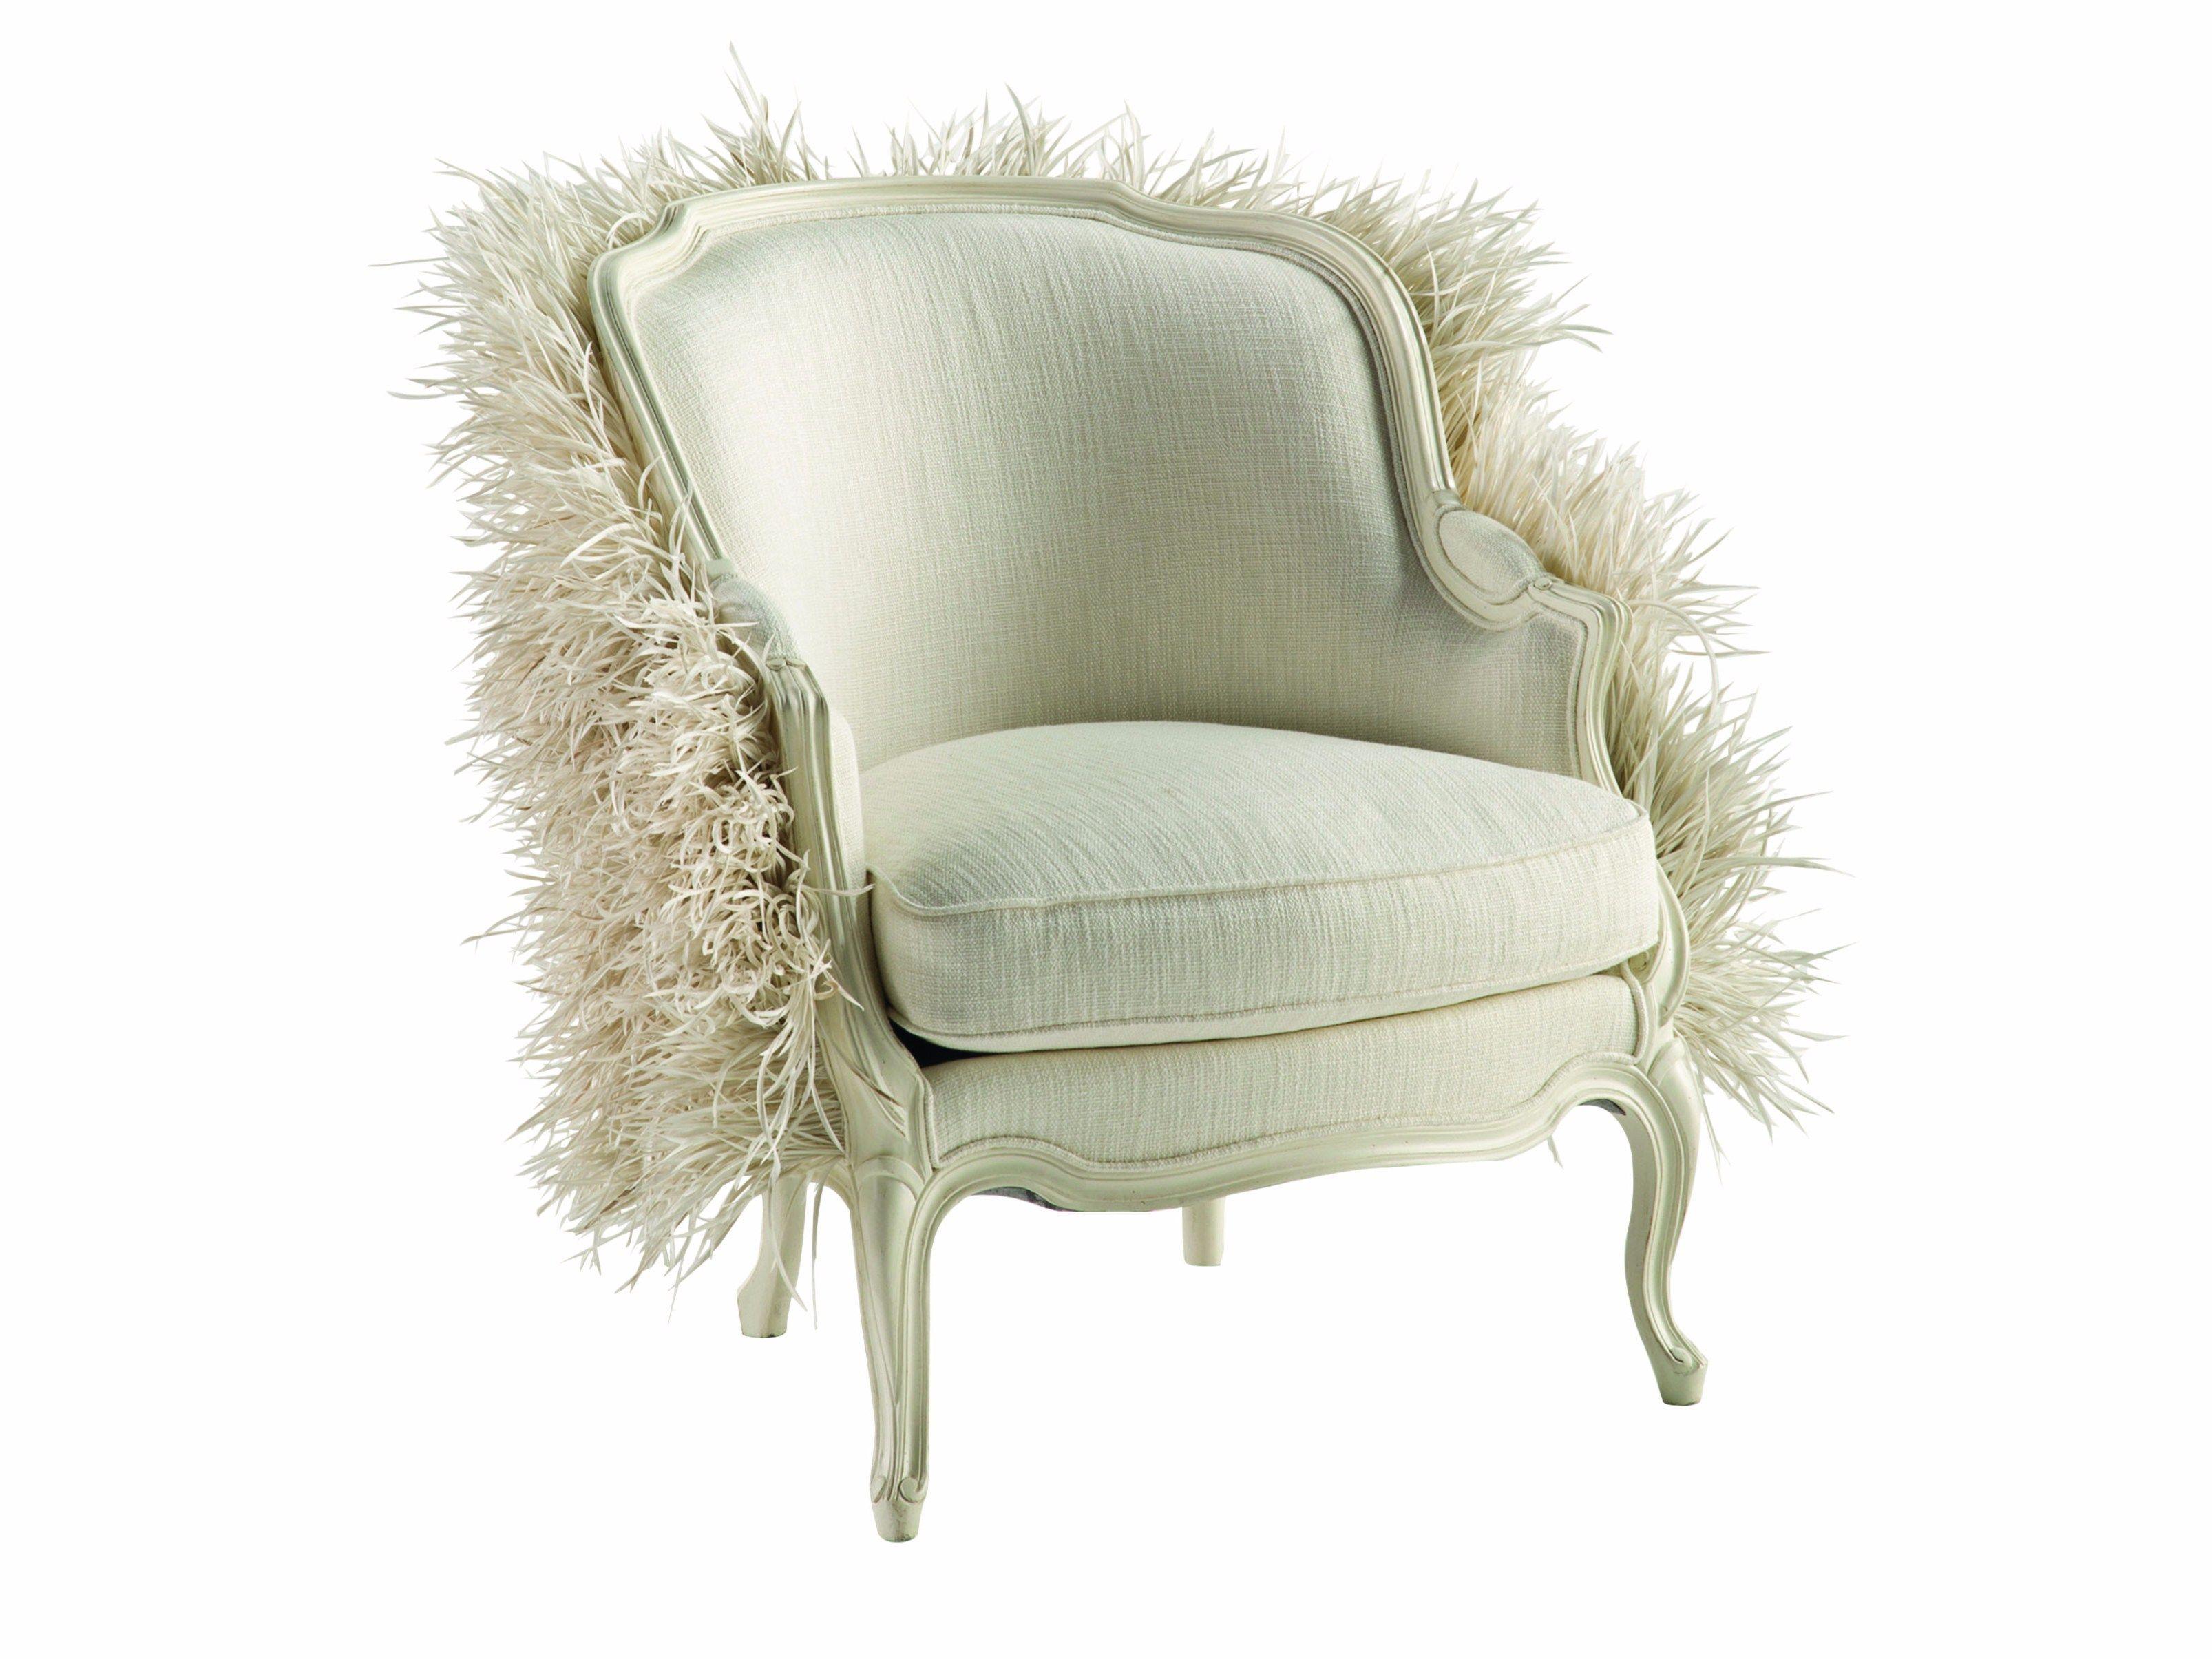 contemporary armchairs b italia iuta designed by antonio citterio designed mid century. Black Bedroom Furniture Sets. Home Design Ideas